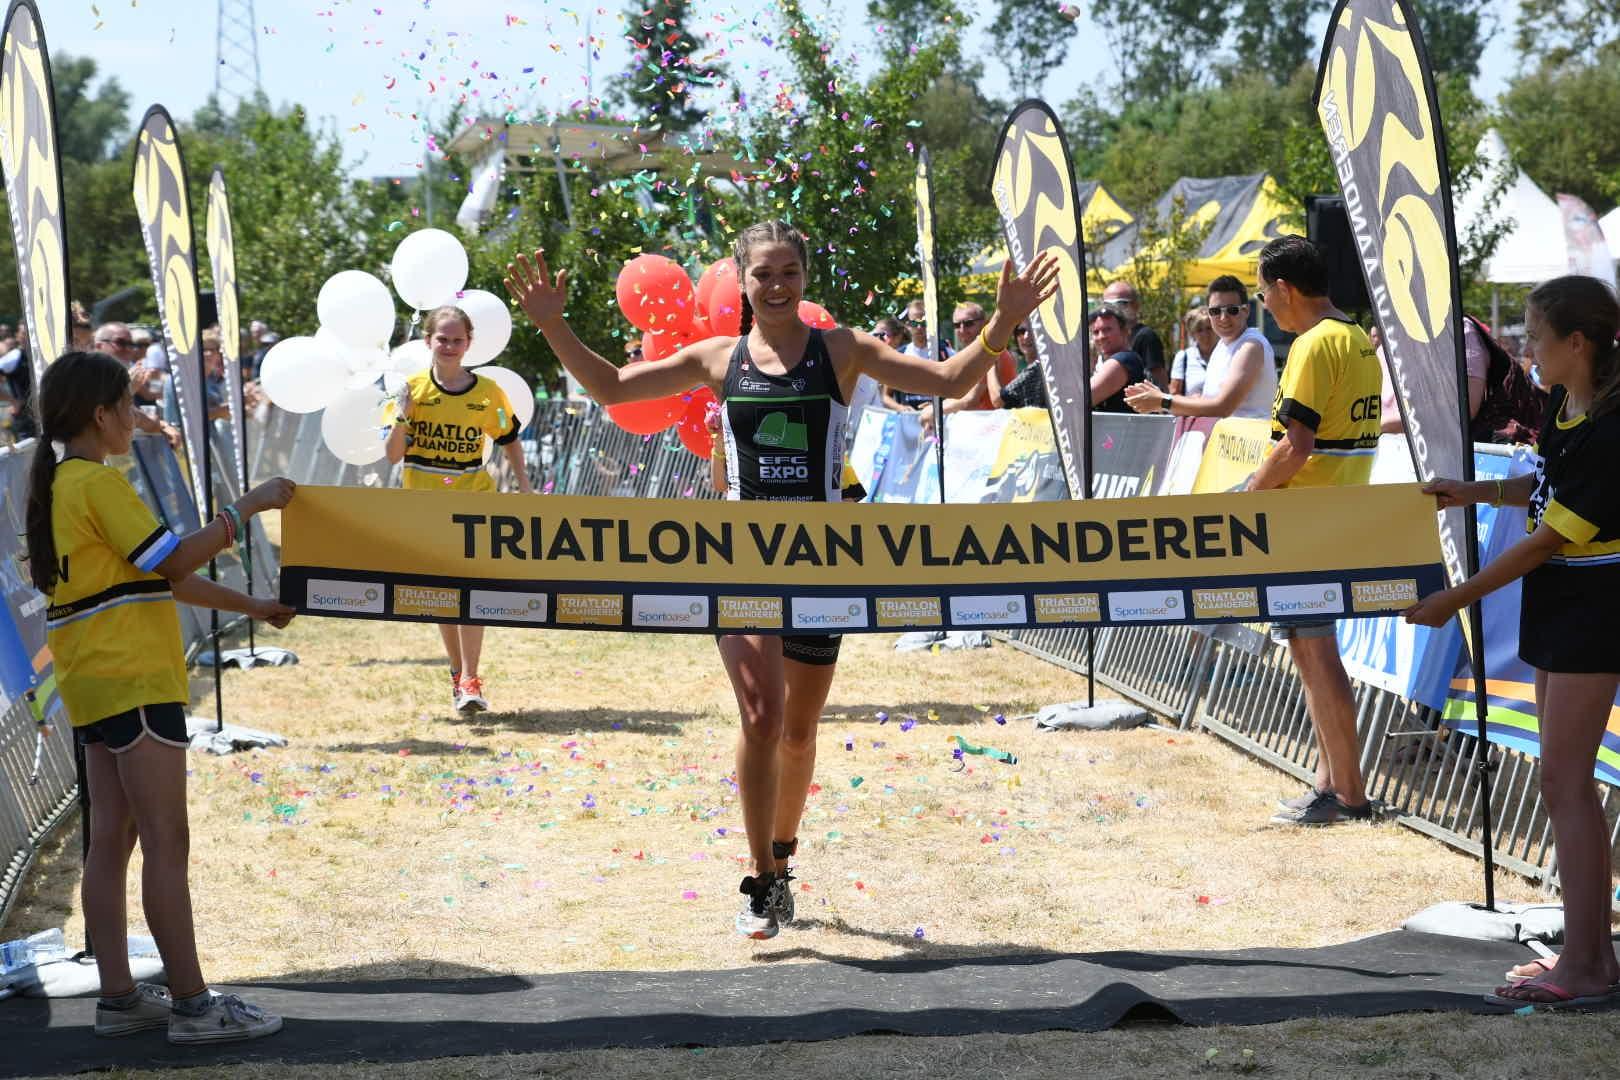 Groen licht in Oudenaarde: seizoensopener met Triatlon van Vlaanderen en duatlon